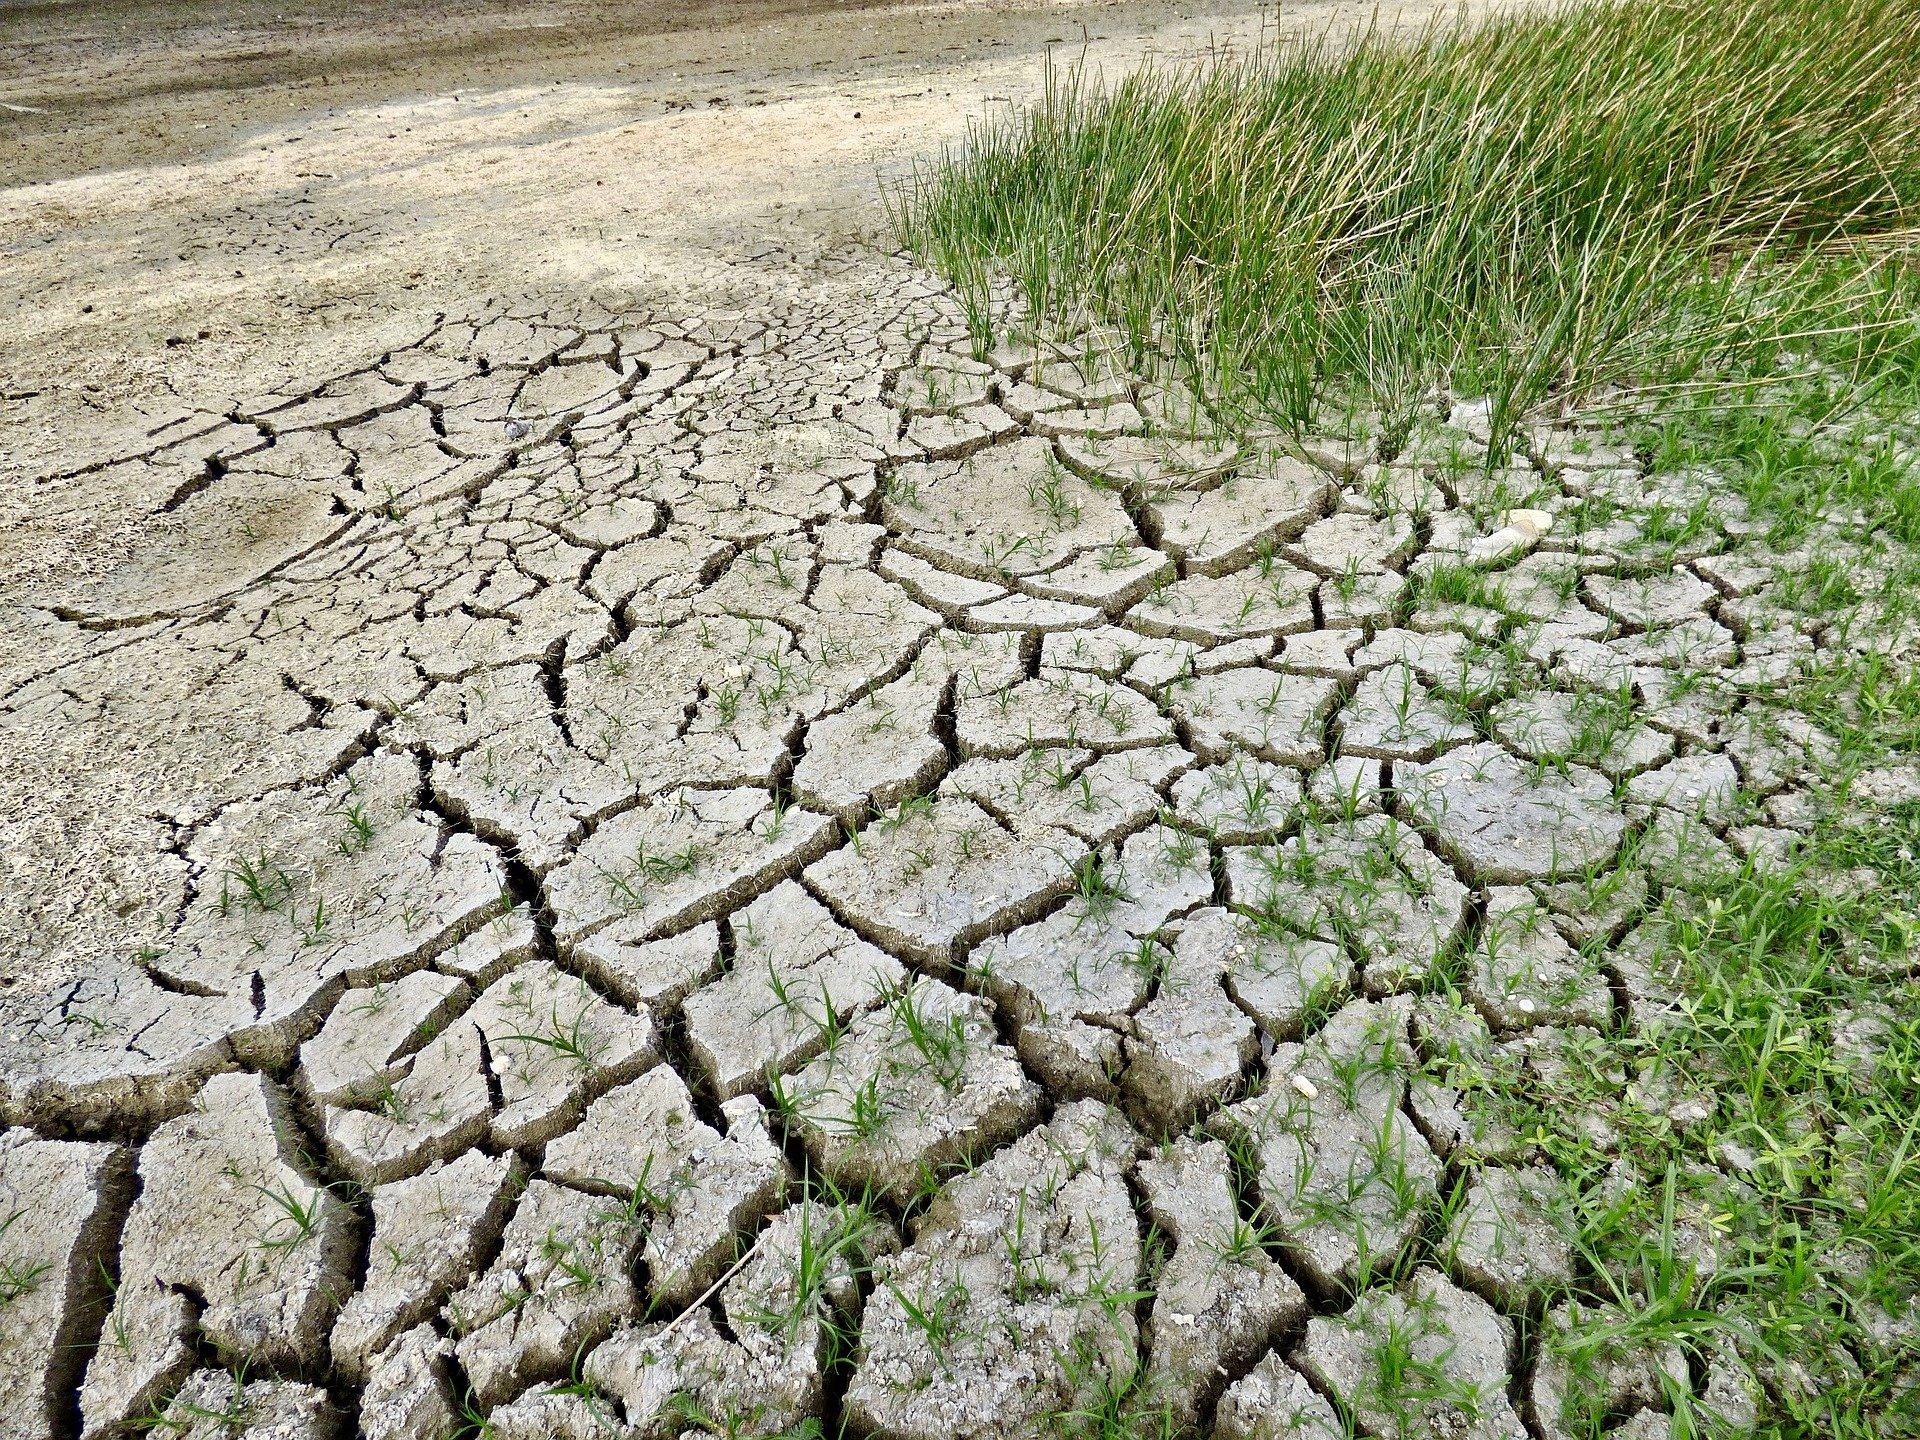 changement climatique action court terme rapport giec - L'Energeek